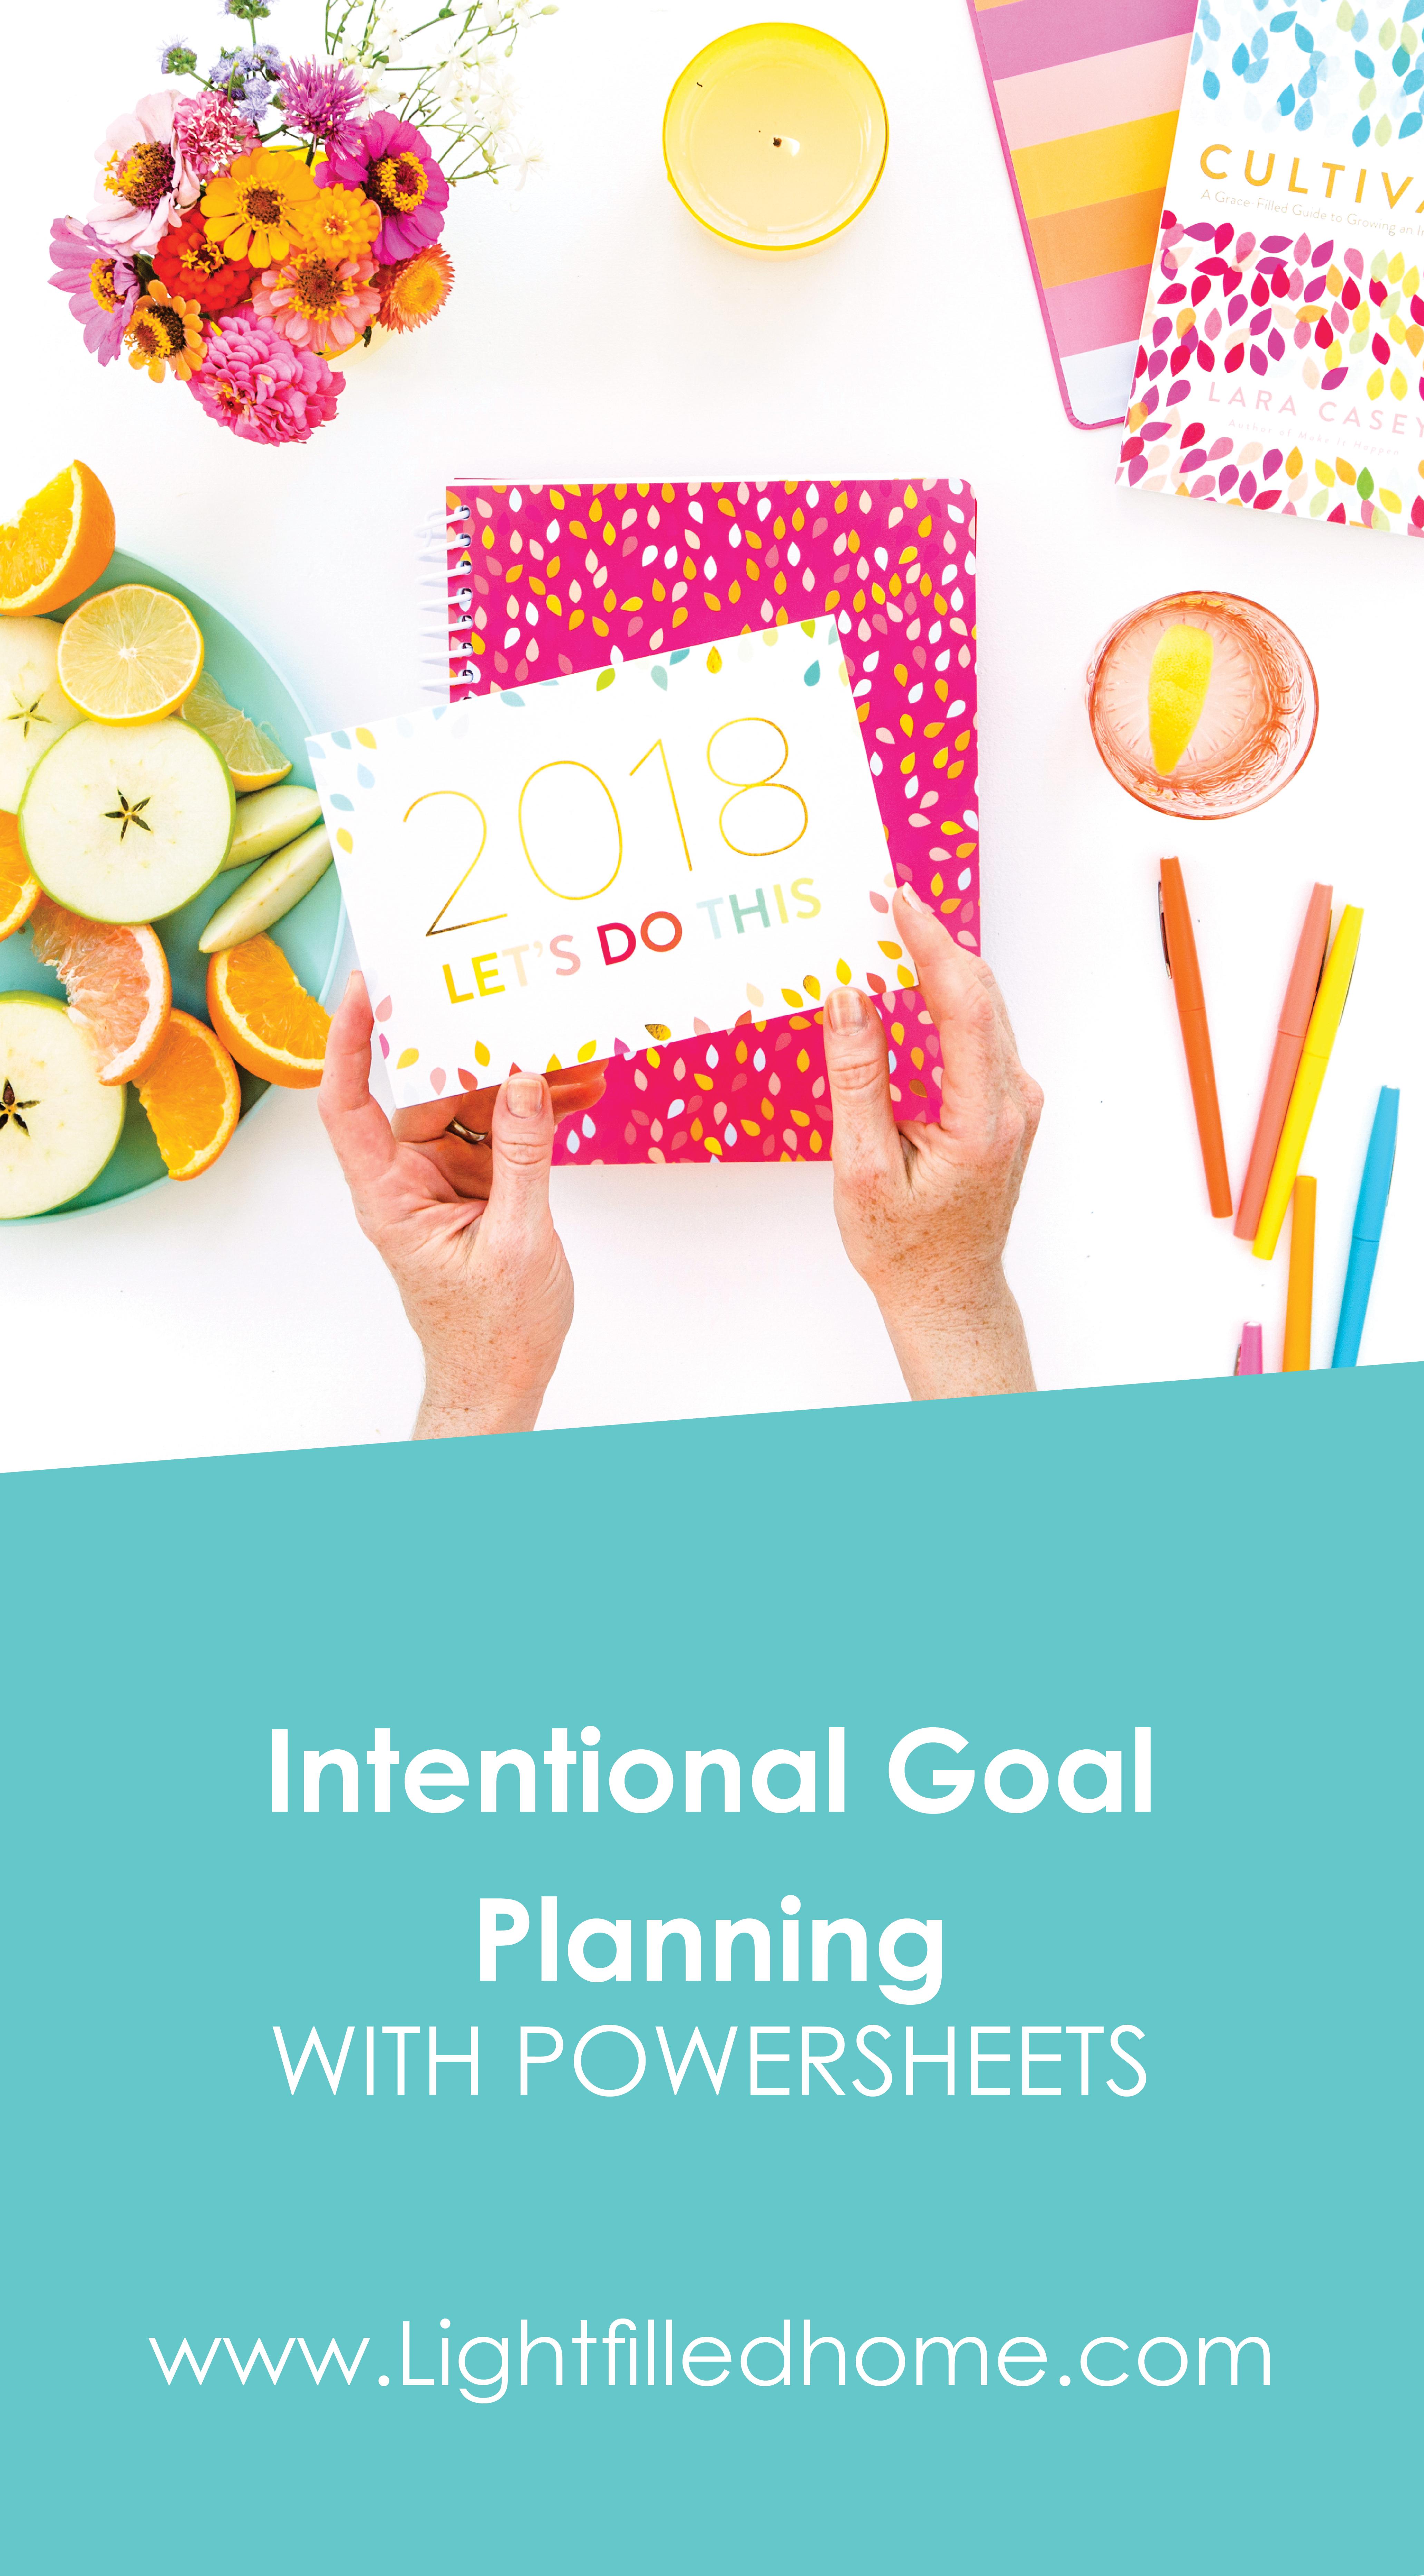 Intentional Goal Planning   Lightfilledhome.com/blog